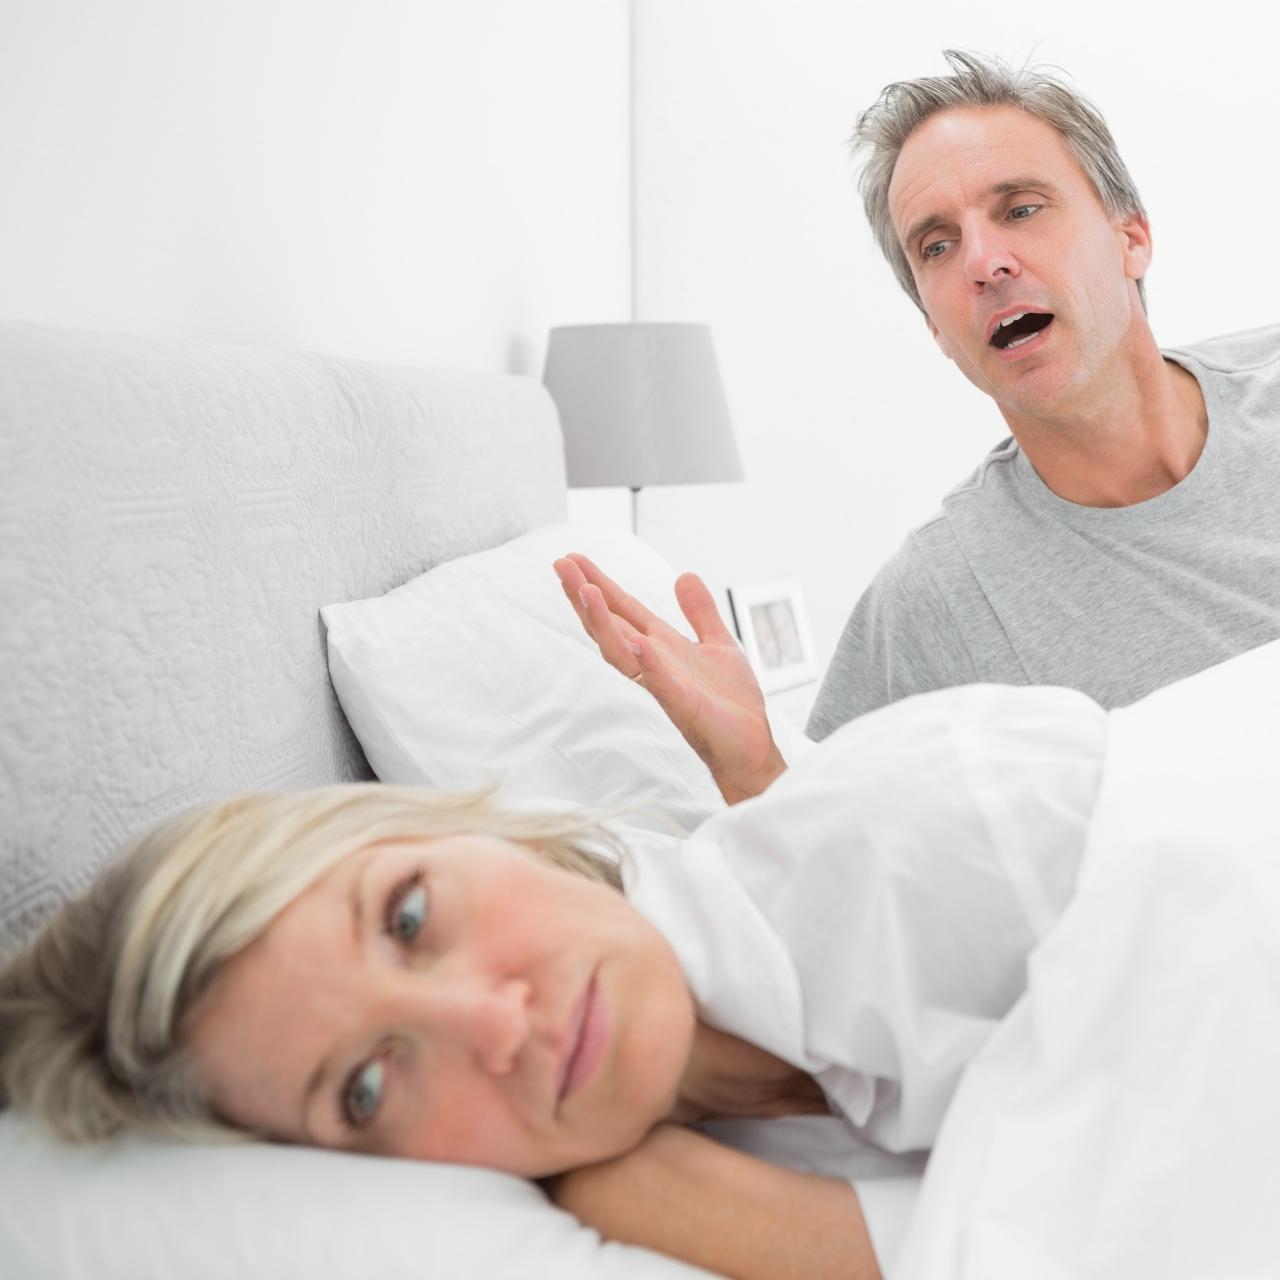 Bildlizenzen von Shutterstock.com